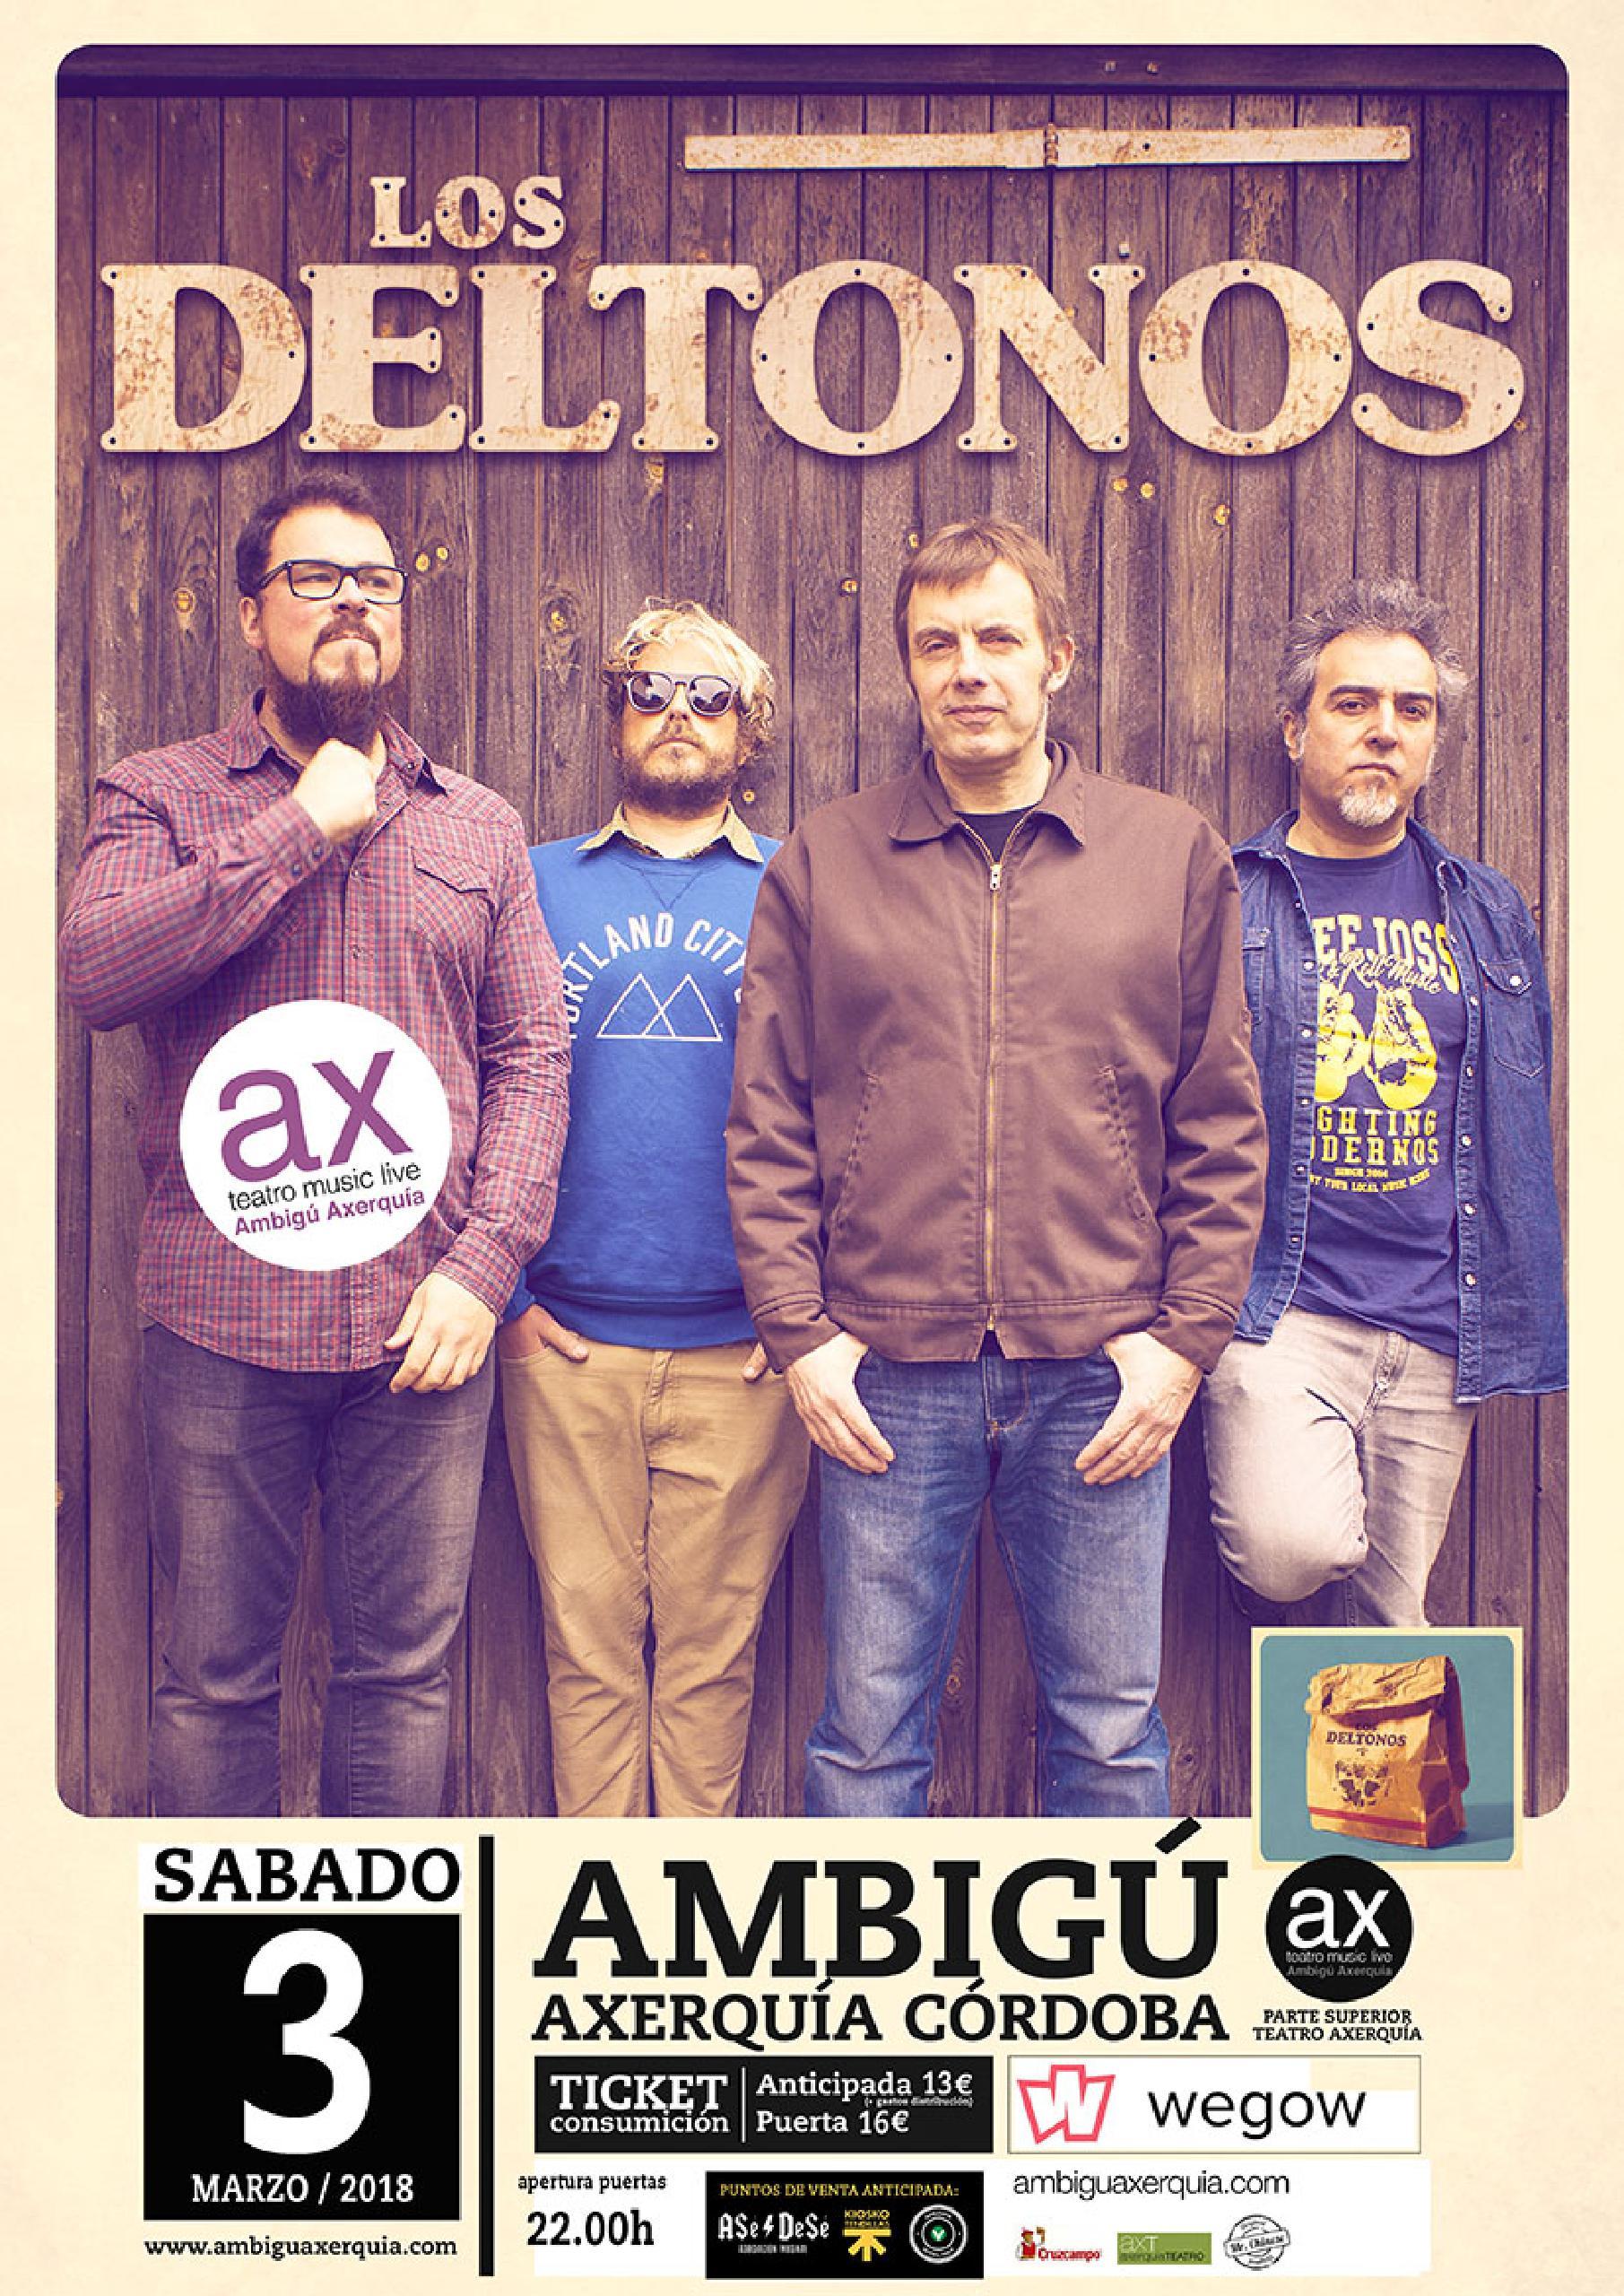 LOS DELTONOS - Sala Ambigú Axerquía Córdoba @ Sala Ambigú Axerquía